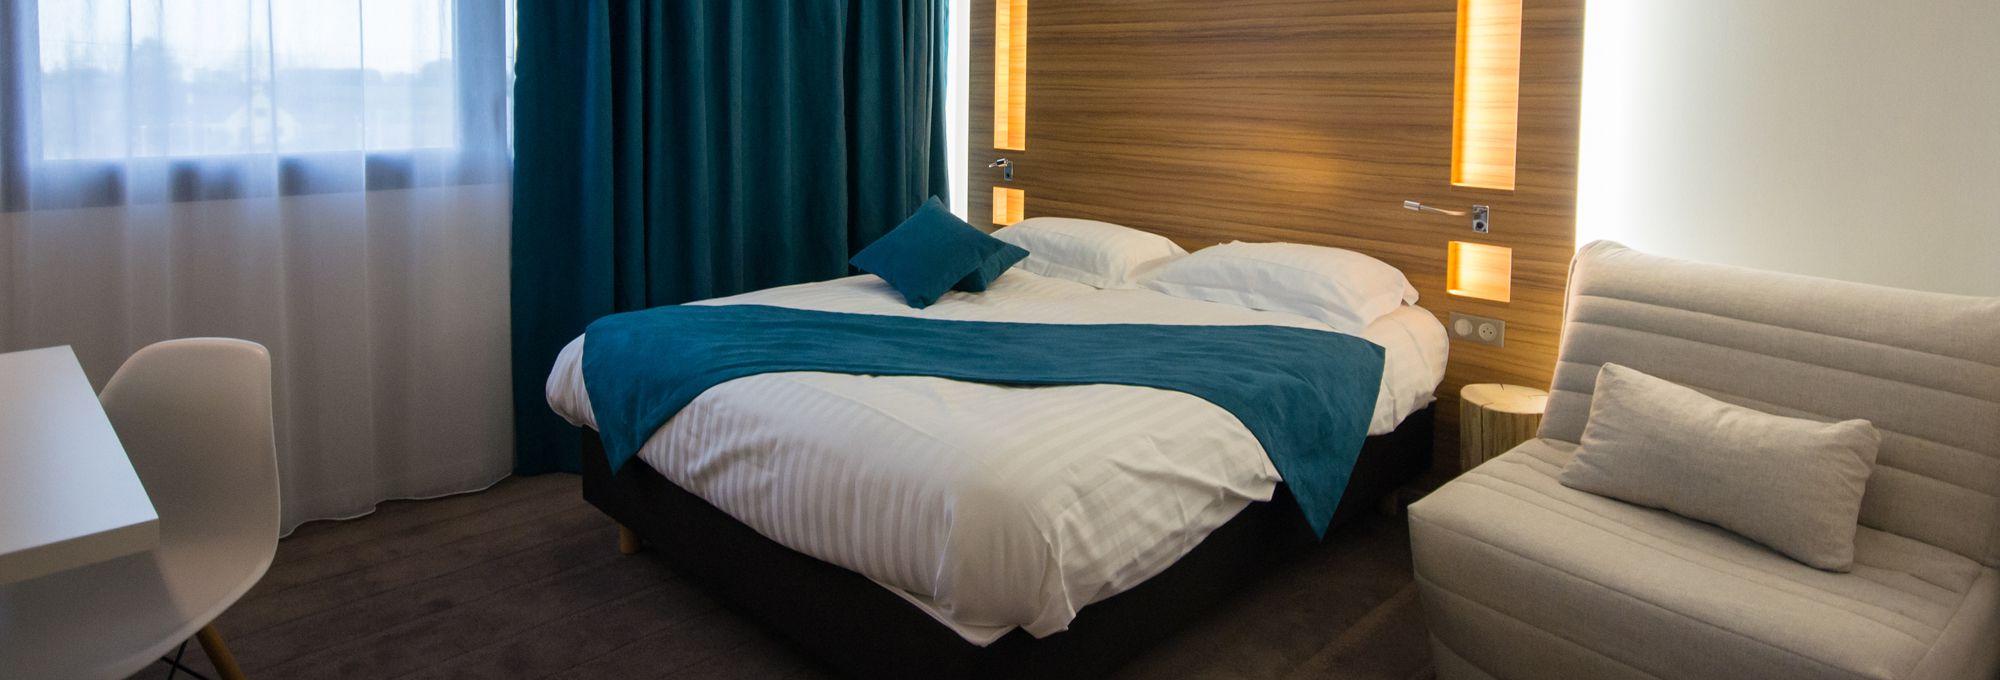 comment acc der au brit hotel de saint brieuc pl rin. Black Bedroom Furniture Sets. Home Design Ideas